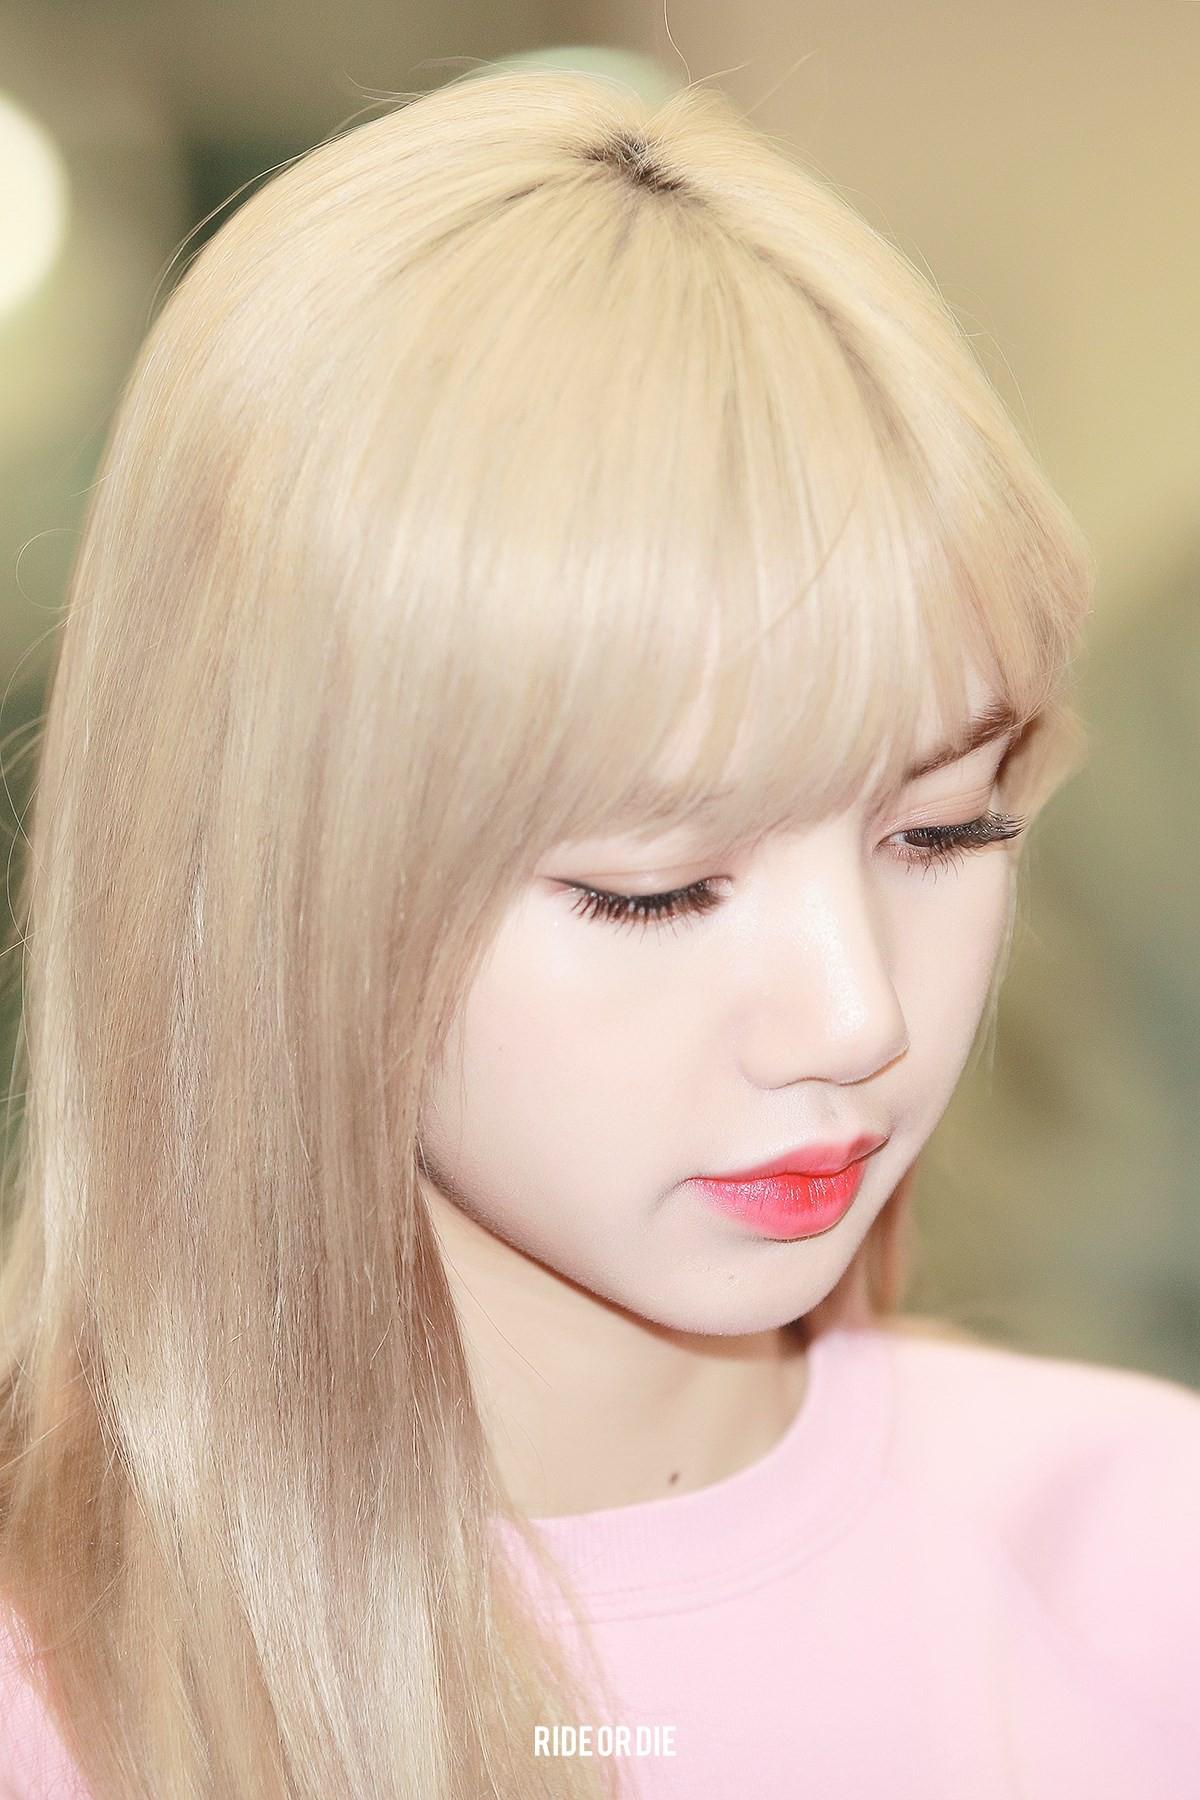 """Lisa dạo này hay lộ ảnh """"kém xinh"""", do makeup sơ sẩy khiến visual tuột điểm hay có ẩn ý gì chăng? - Ảnh 2."""